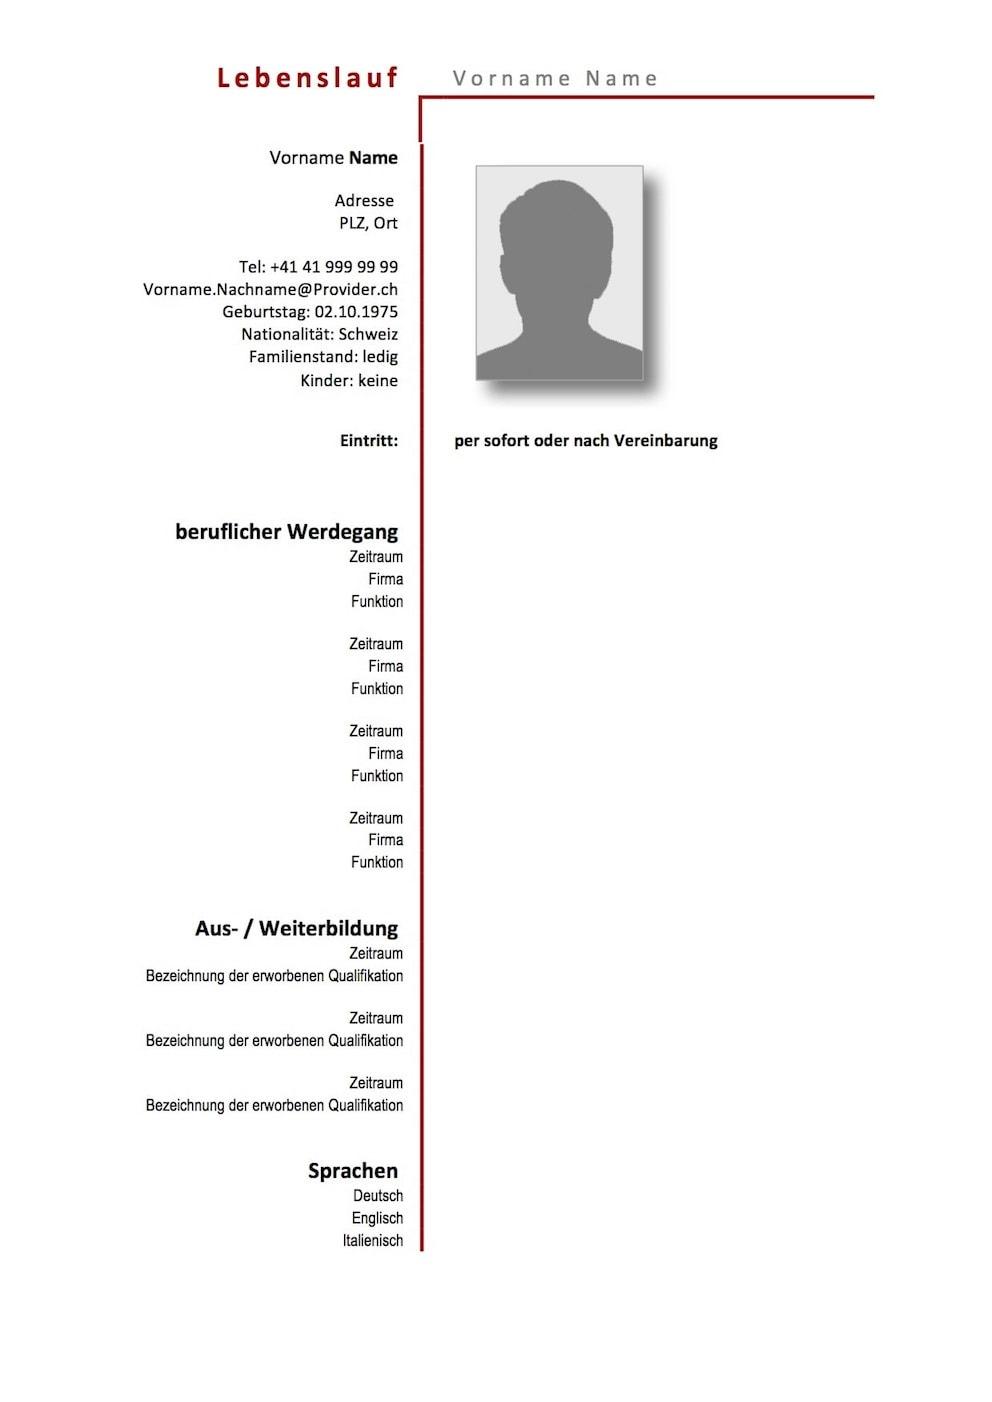 Lebenslauf Vorlage Schweiz Word Format Muster Vorlagech